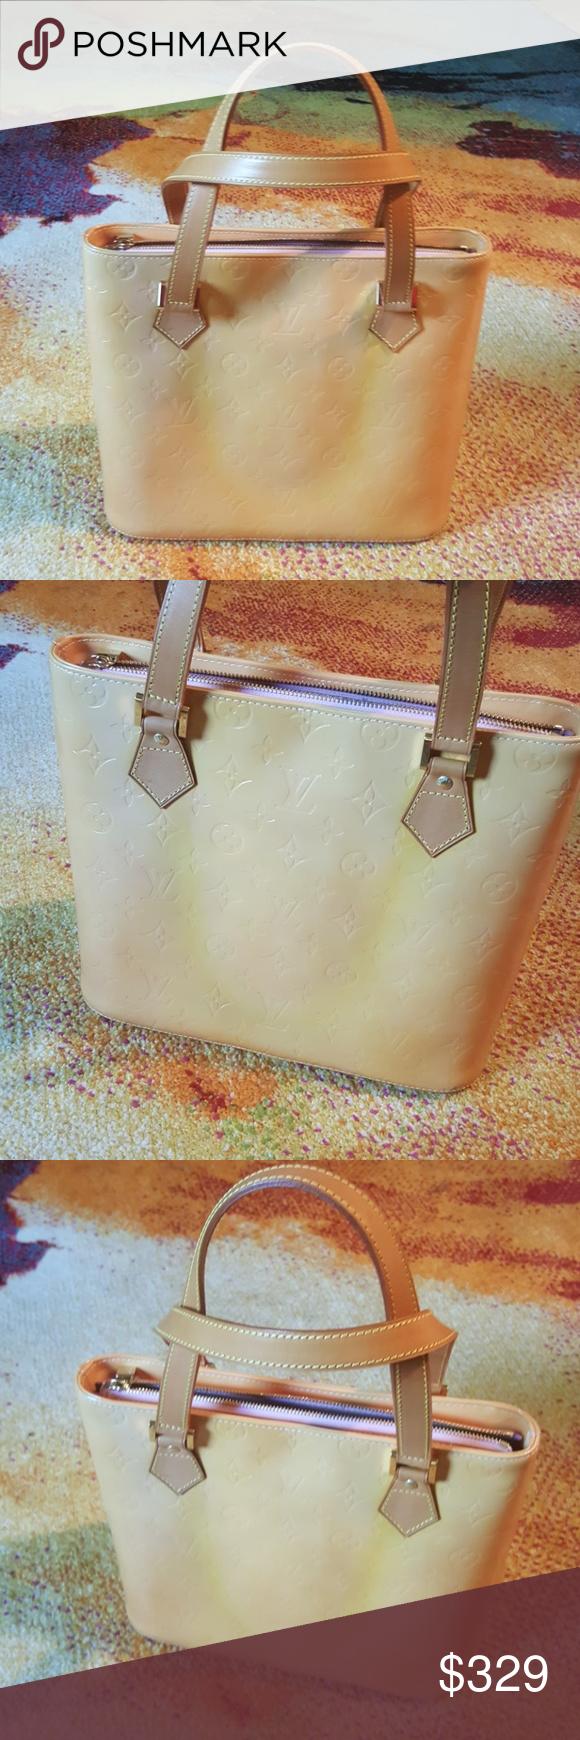 c5e5a23c1380 Louis Vuitton Vernis Handbag This is an Authentic Louis Vuitton Vernis  Marshmallow Houston Handbag. Patent Leather. M91054. Shoulder tote Louis  Vuitton Bags